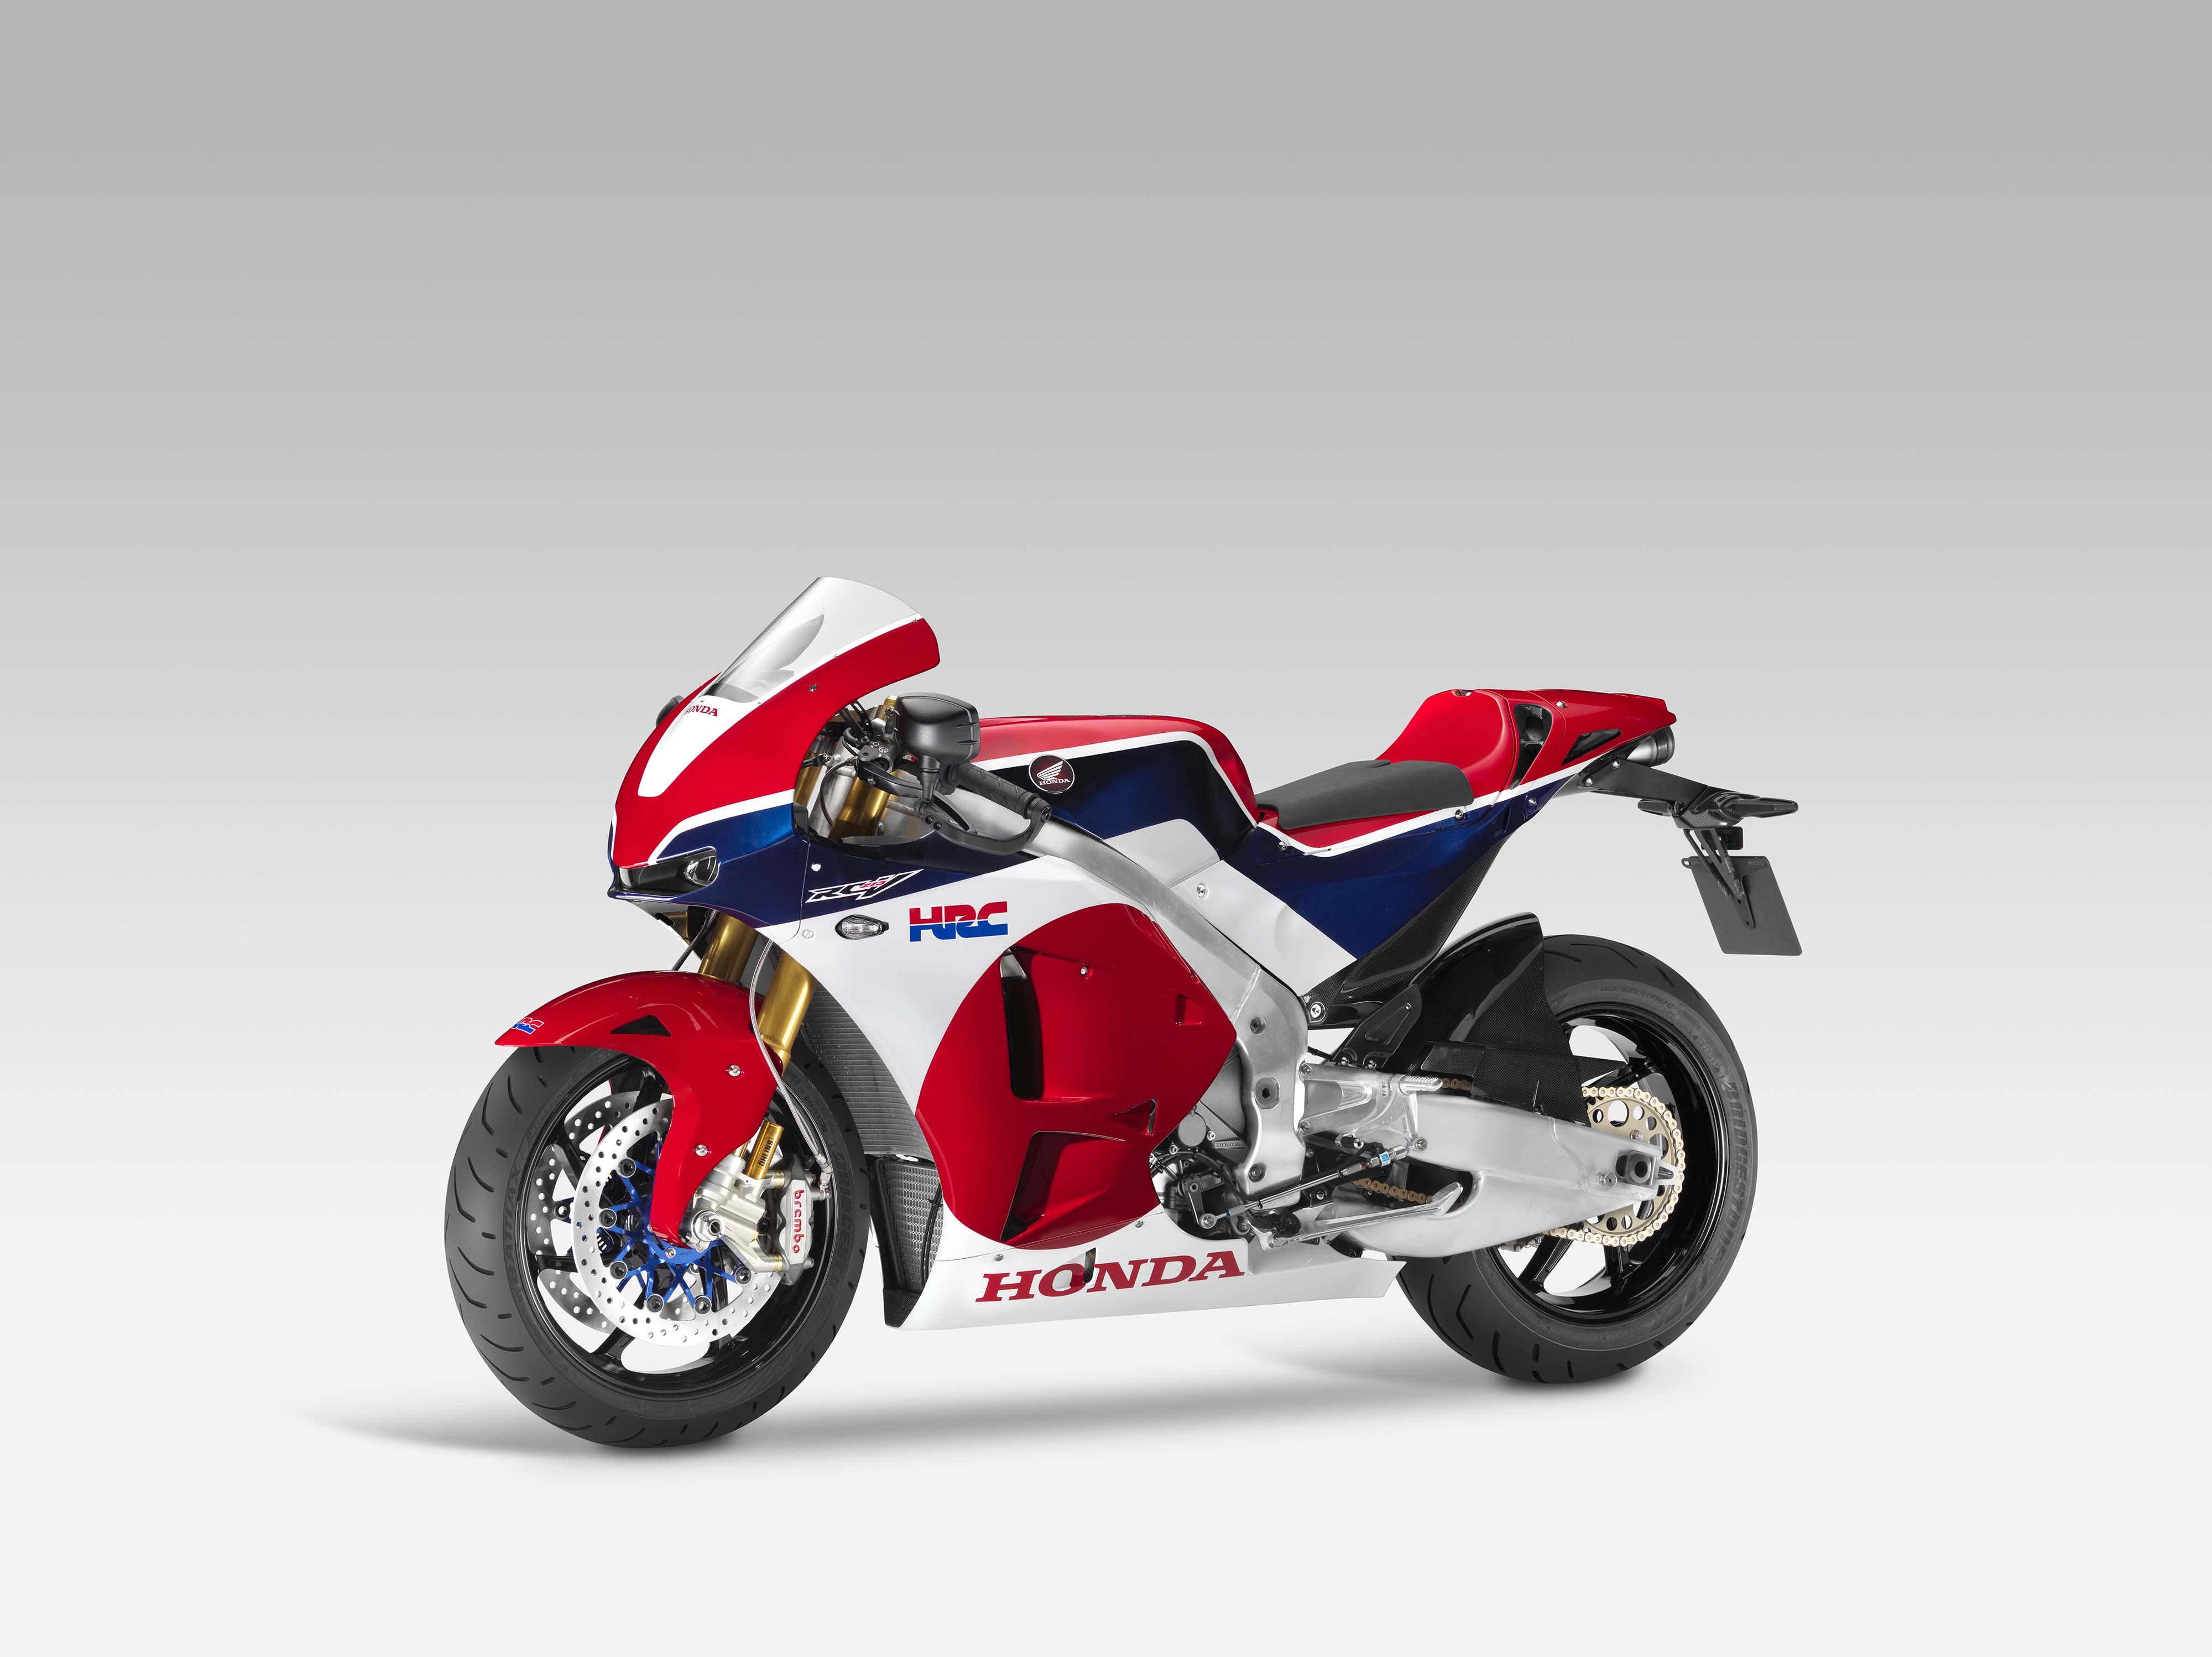 Honda RC213V-S Street Bike Prototype Unveiled - Asphalt & Rubber